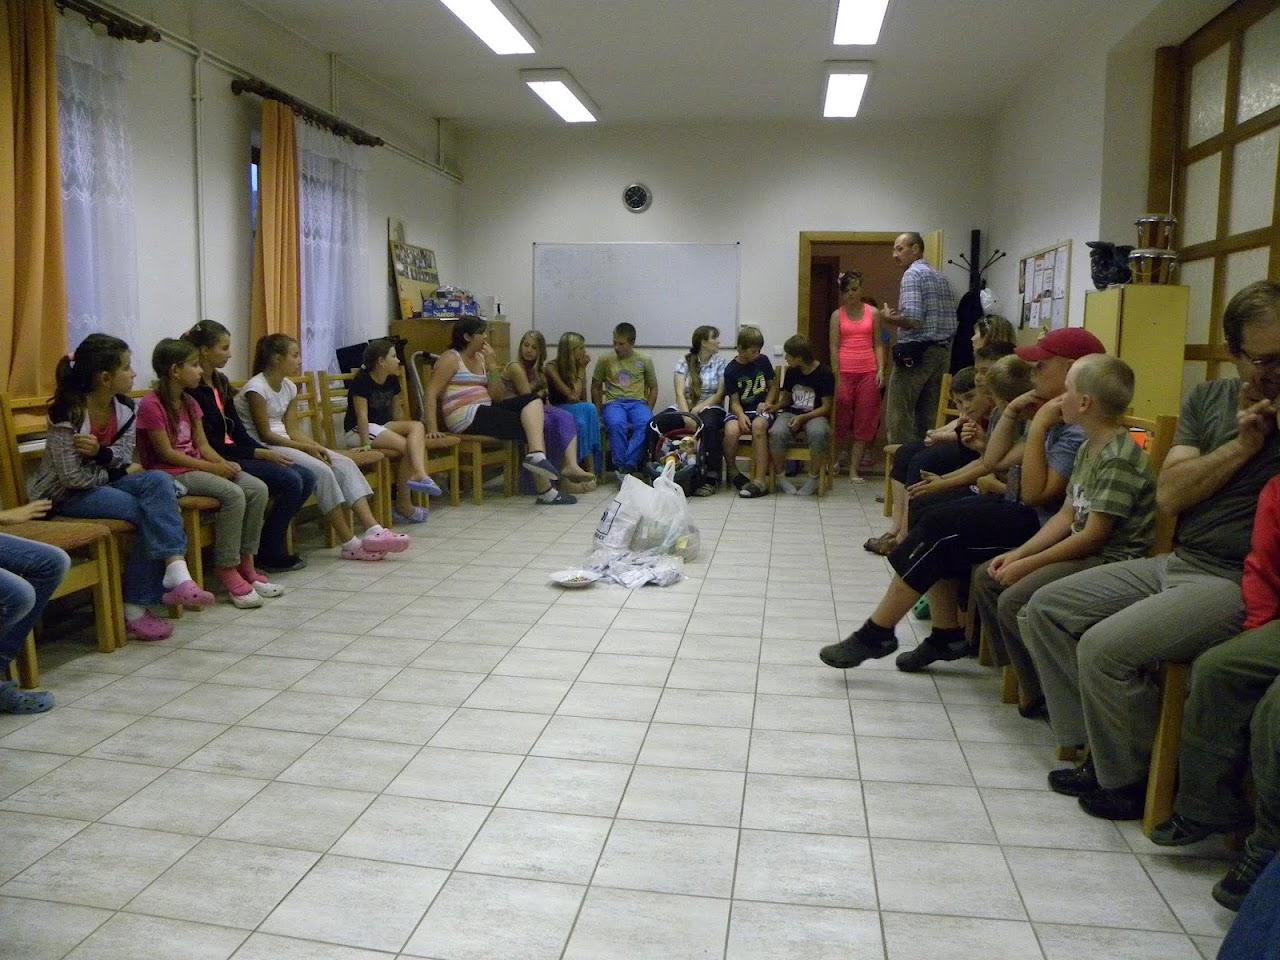 Tábor - Veľké Karlovice - fotka 59.JPG